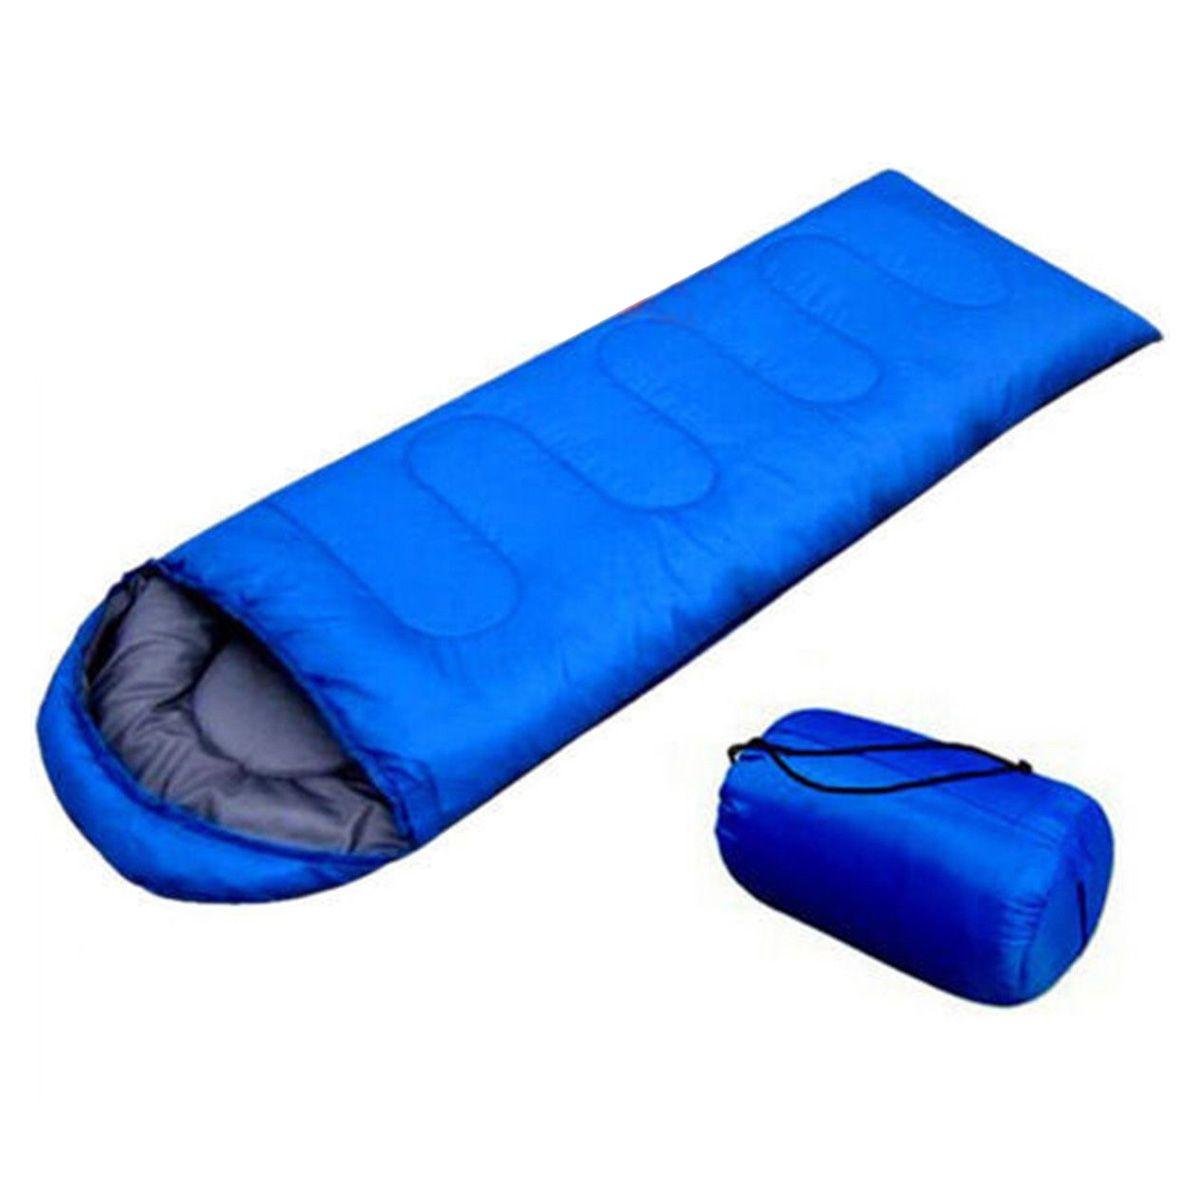 JHO-sac de couchage enveloppe de voyage imperméable extérieur Camping randonnée étui de transport bleu